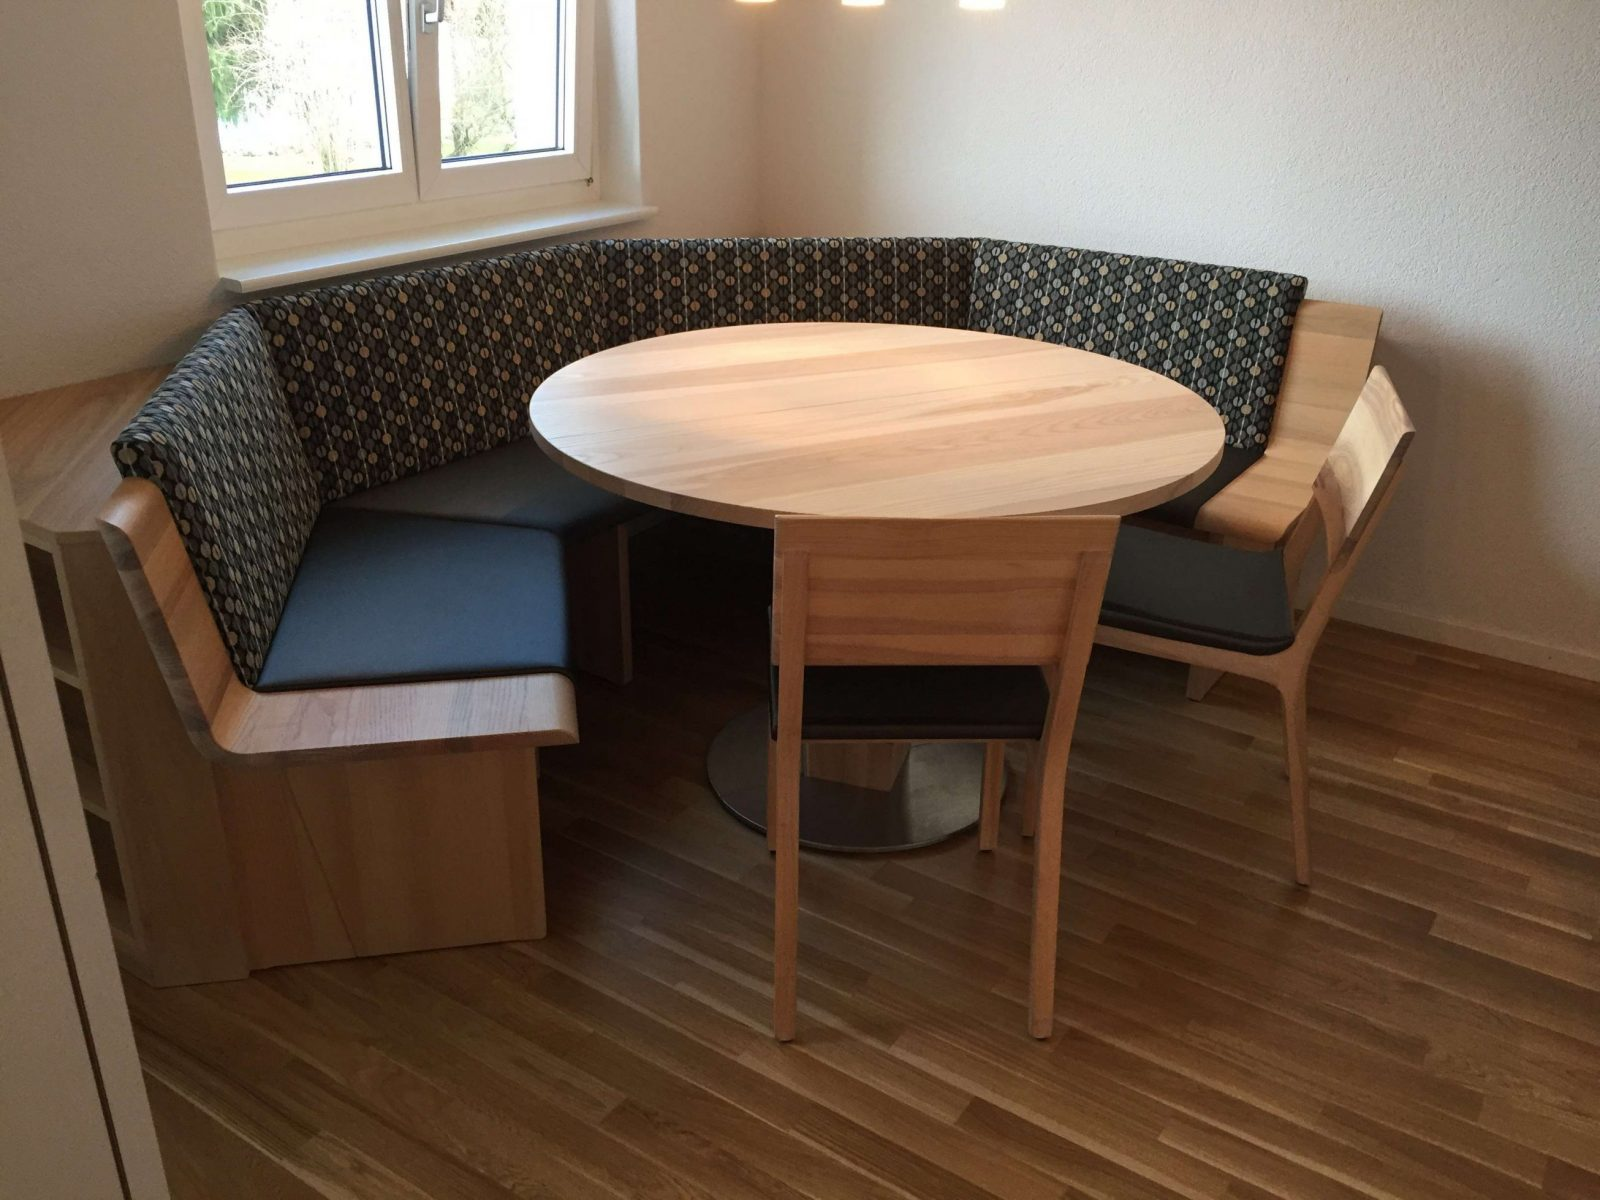 Eckbank Mit Tisch Für Balkon Inspiration Von Kleiner Tisch Für von Balkon Eckbank Mit Tisch Bild